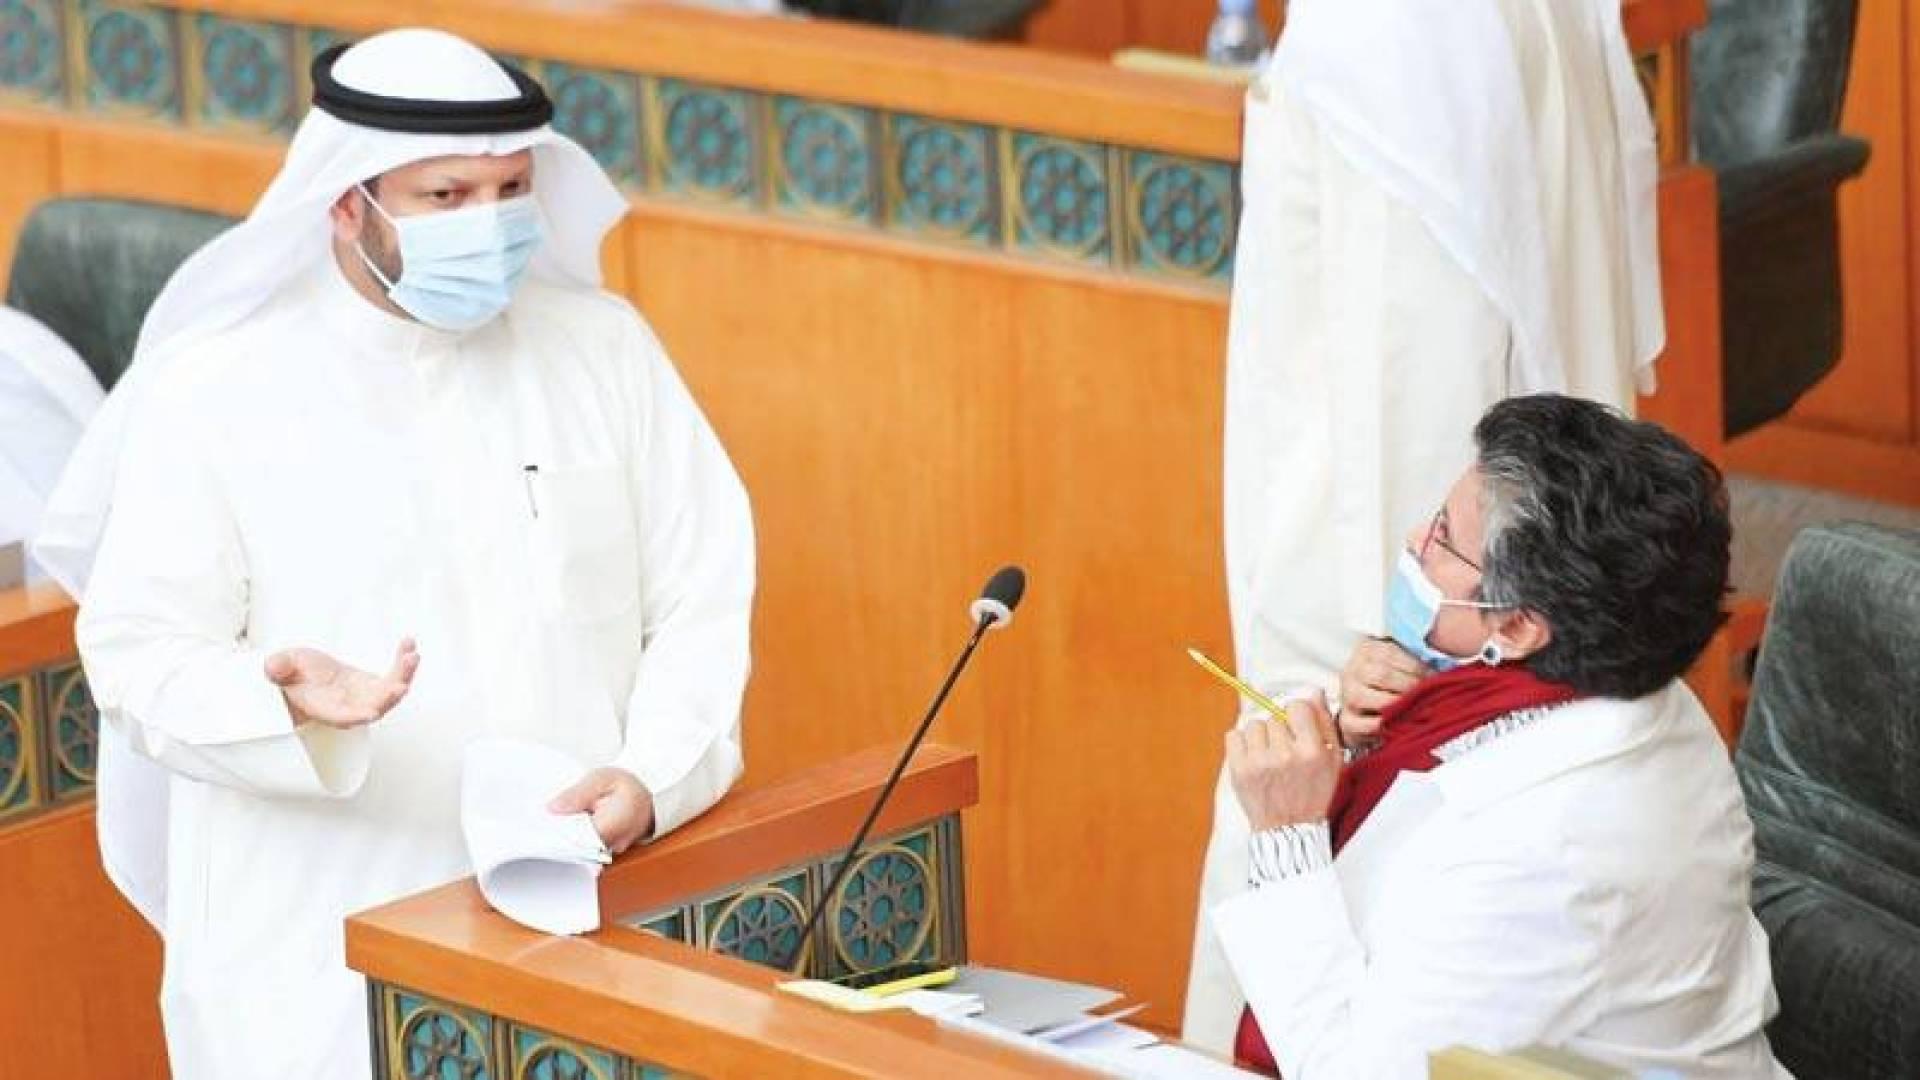 الهاشم والشيتان وجهاً لوجه في جلسة مناقشة قانون الدين العام (تصوير: حسني هلال)